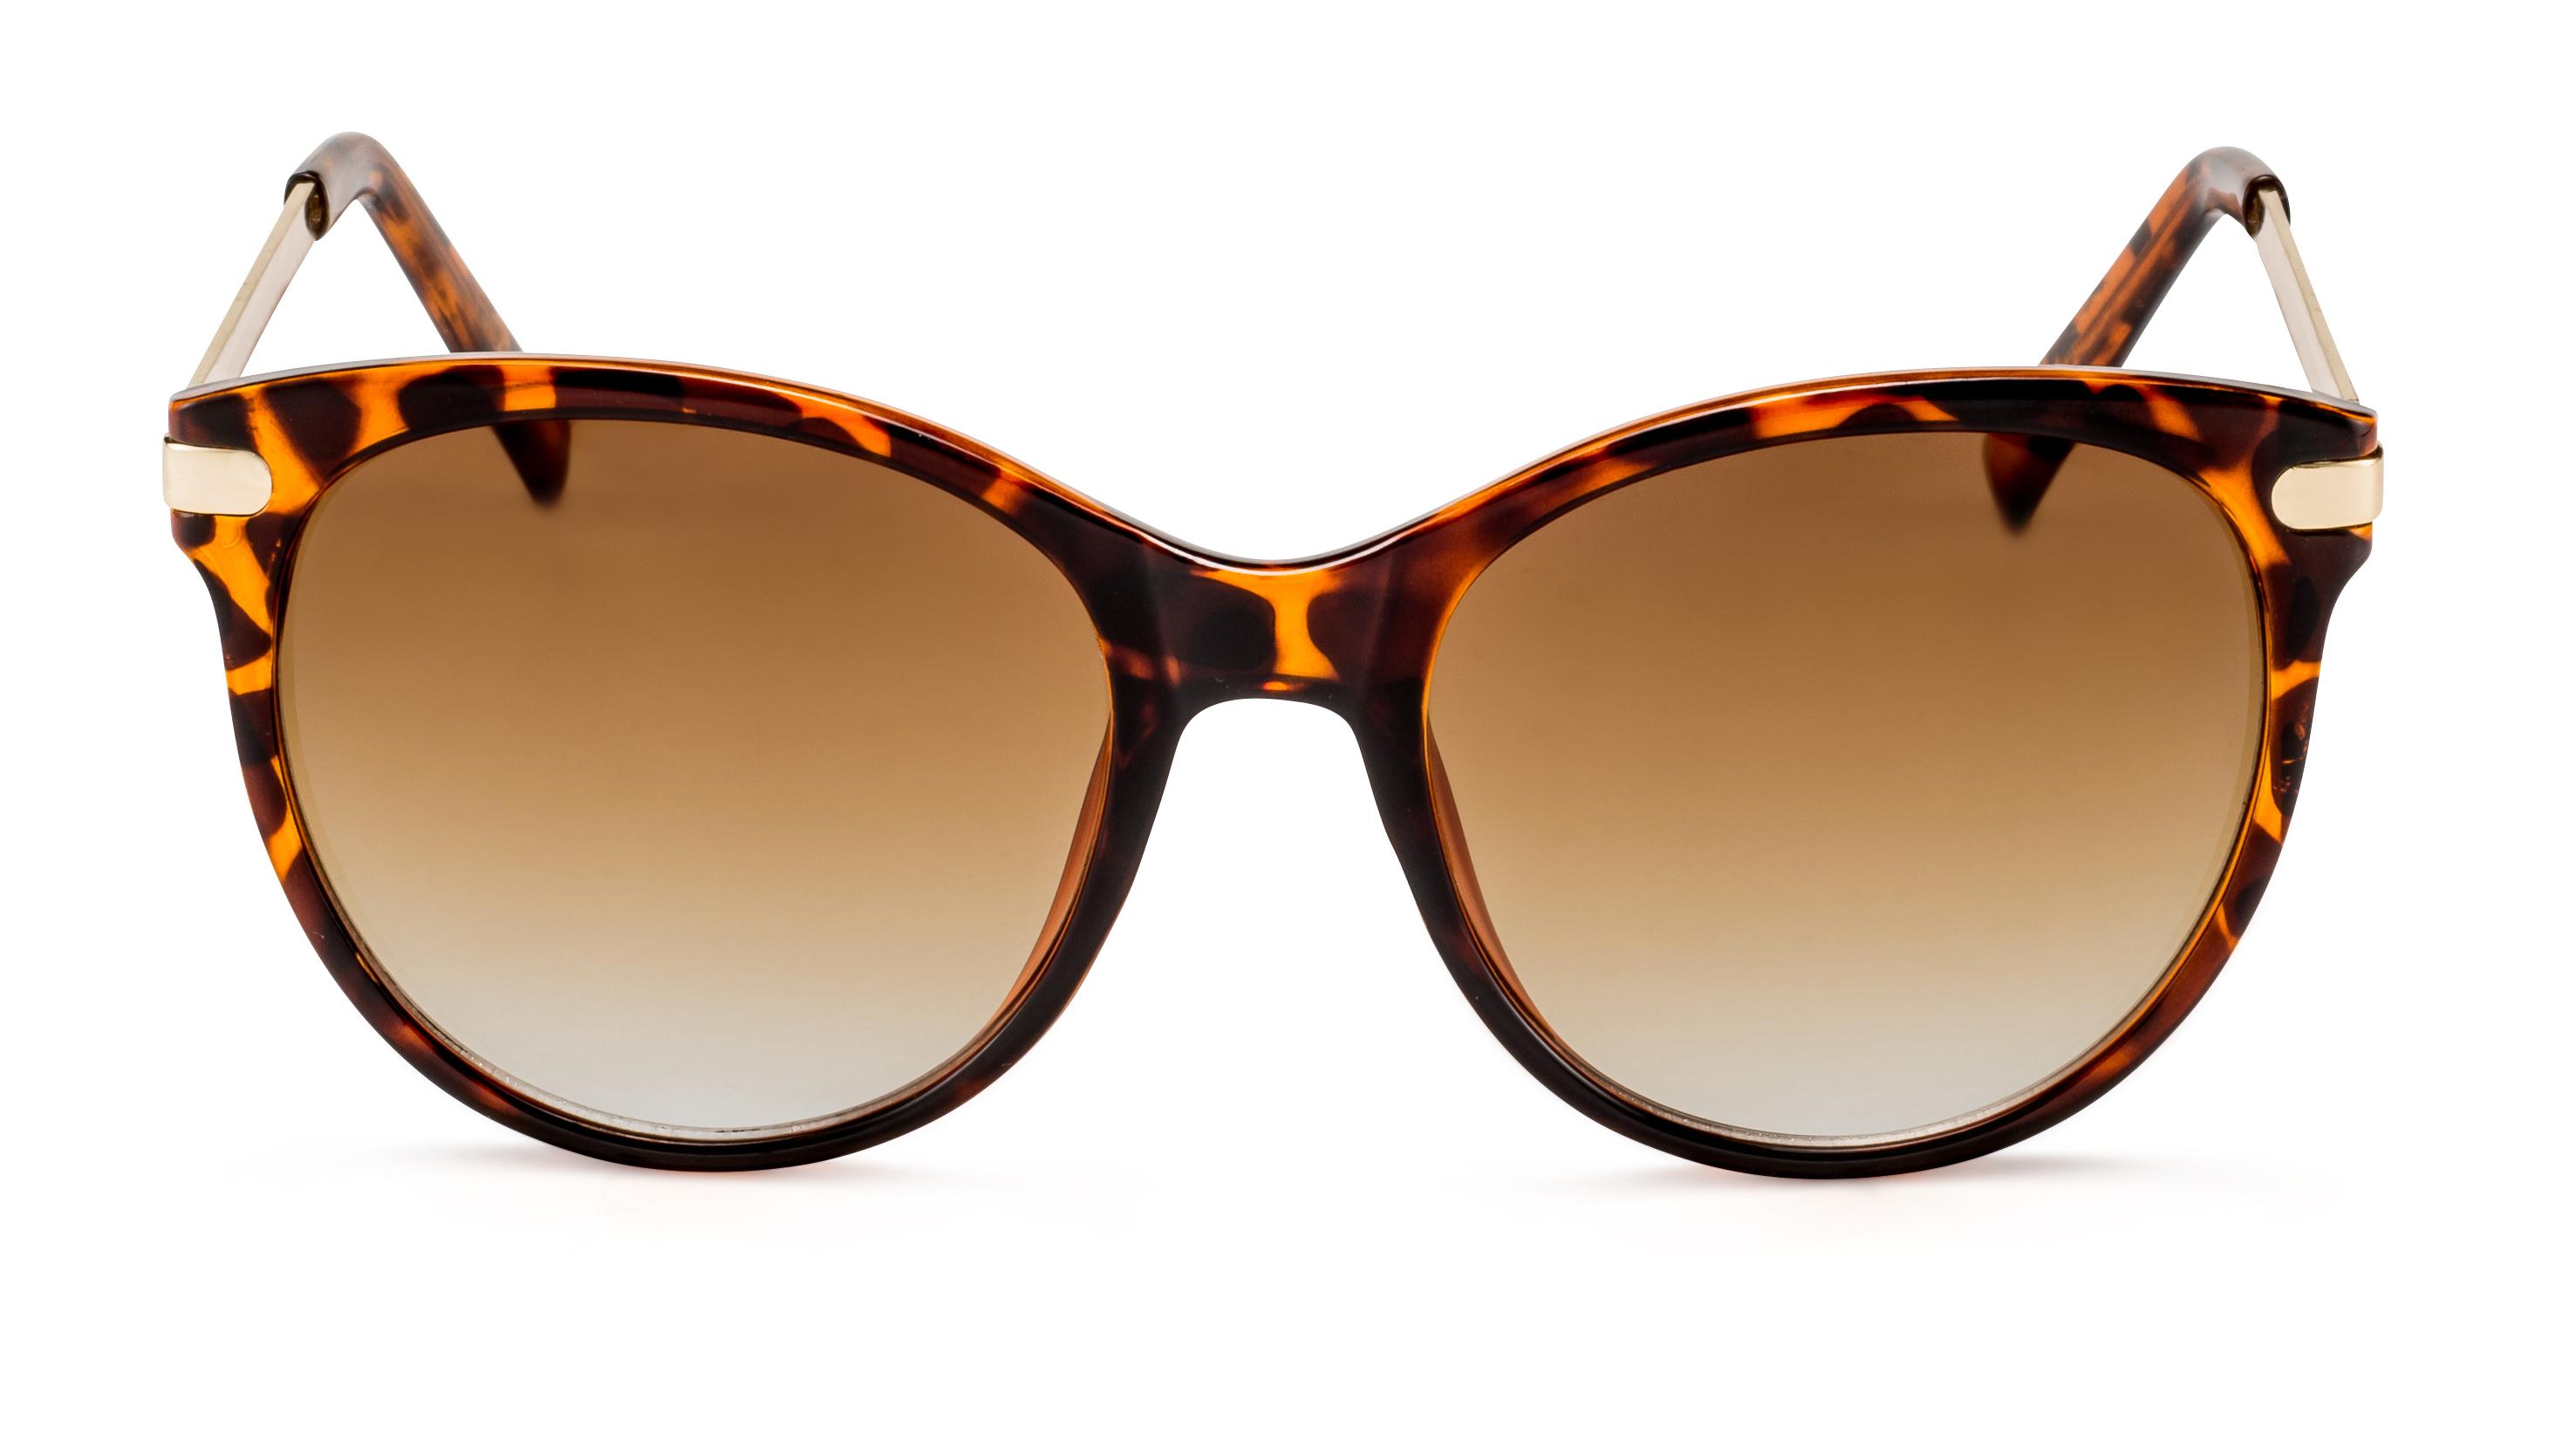 Frontansicht Sonnenbrille 3021109